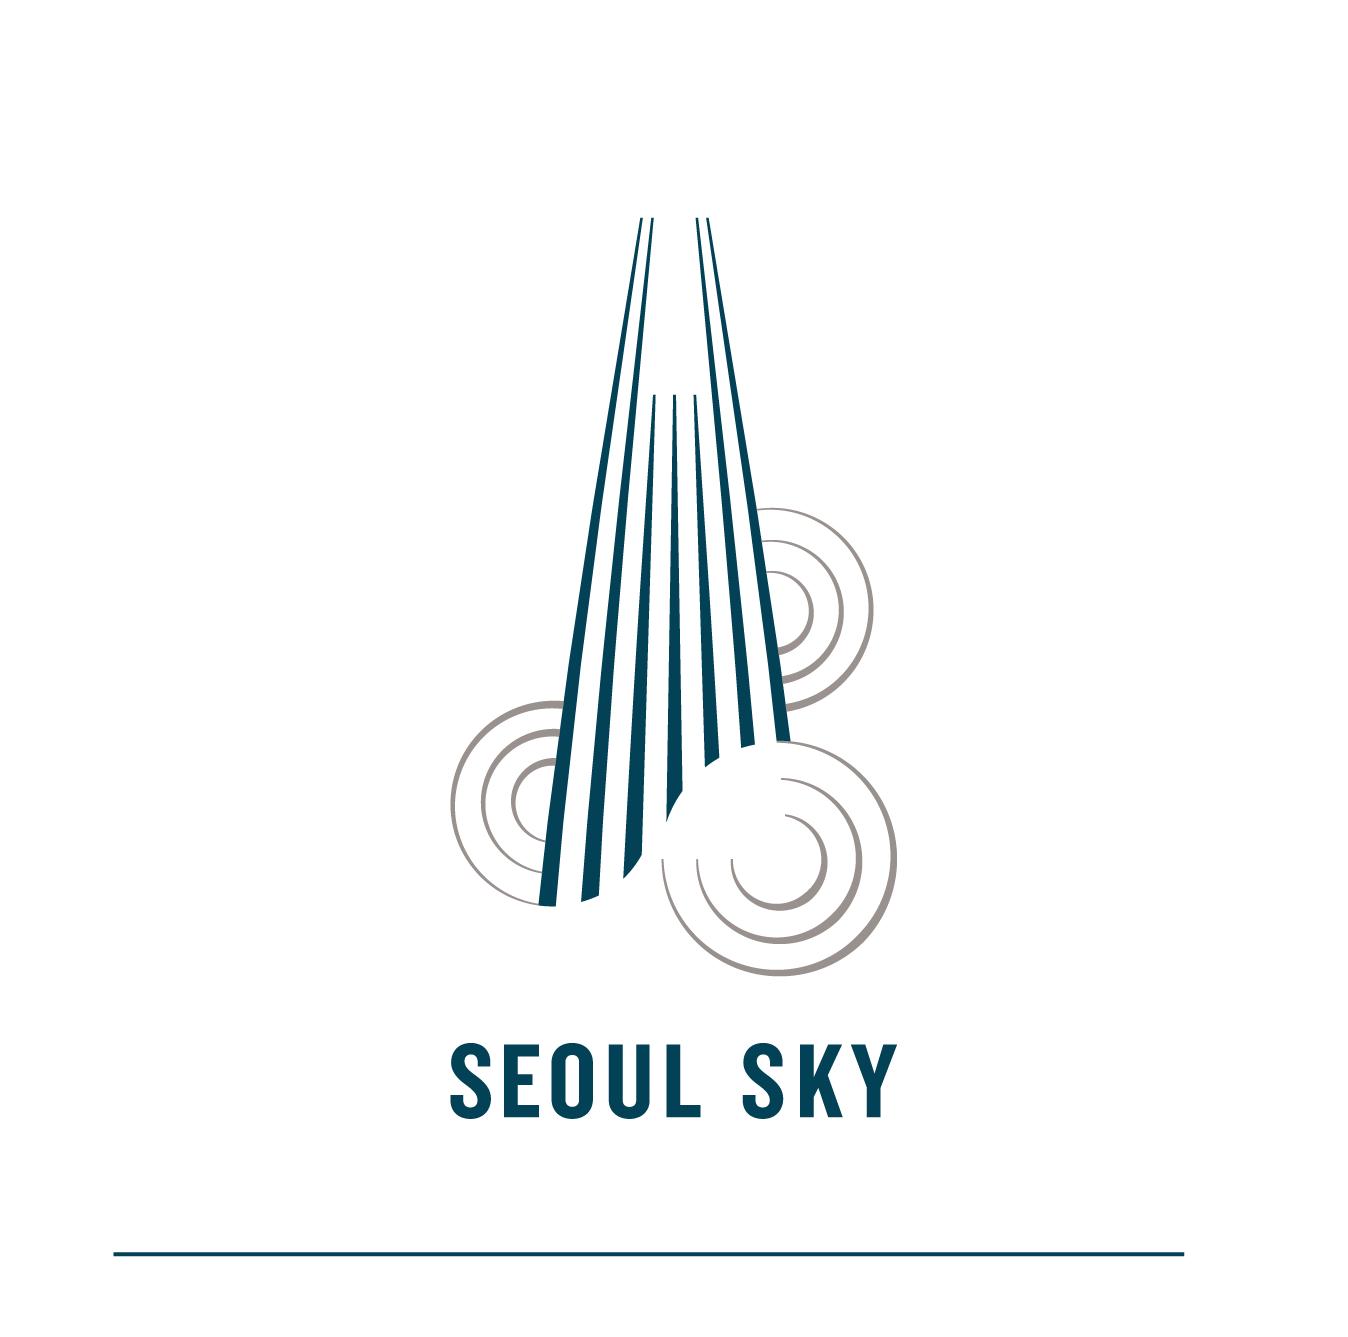 seoul_sky_Artboard 5.png